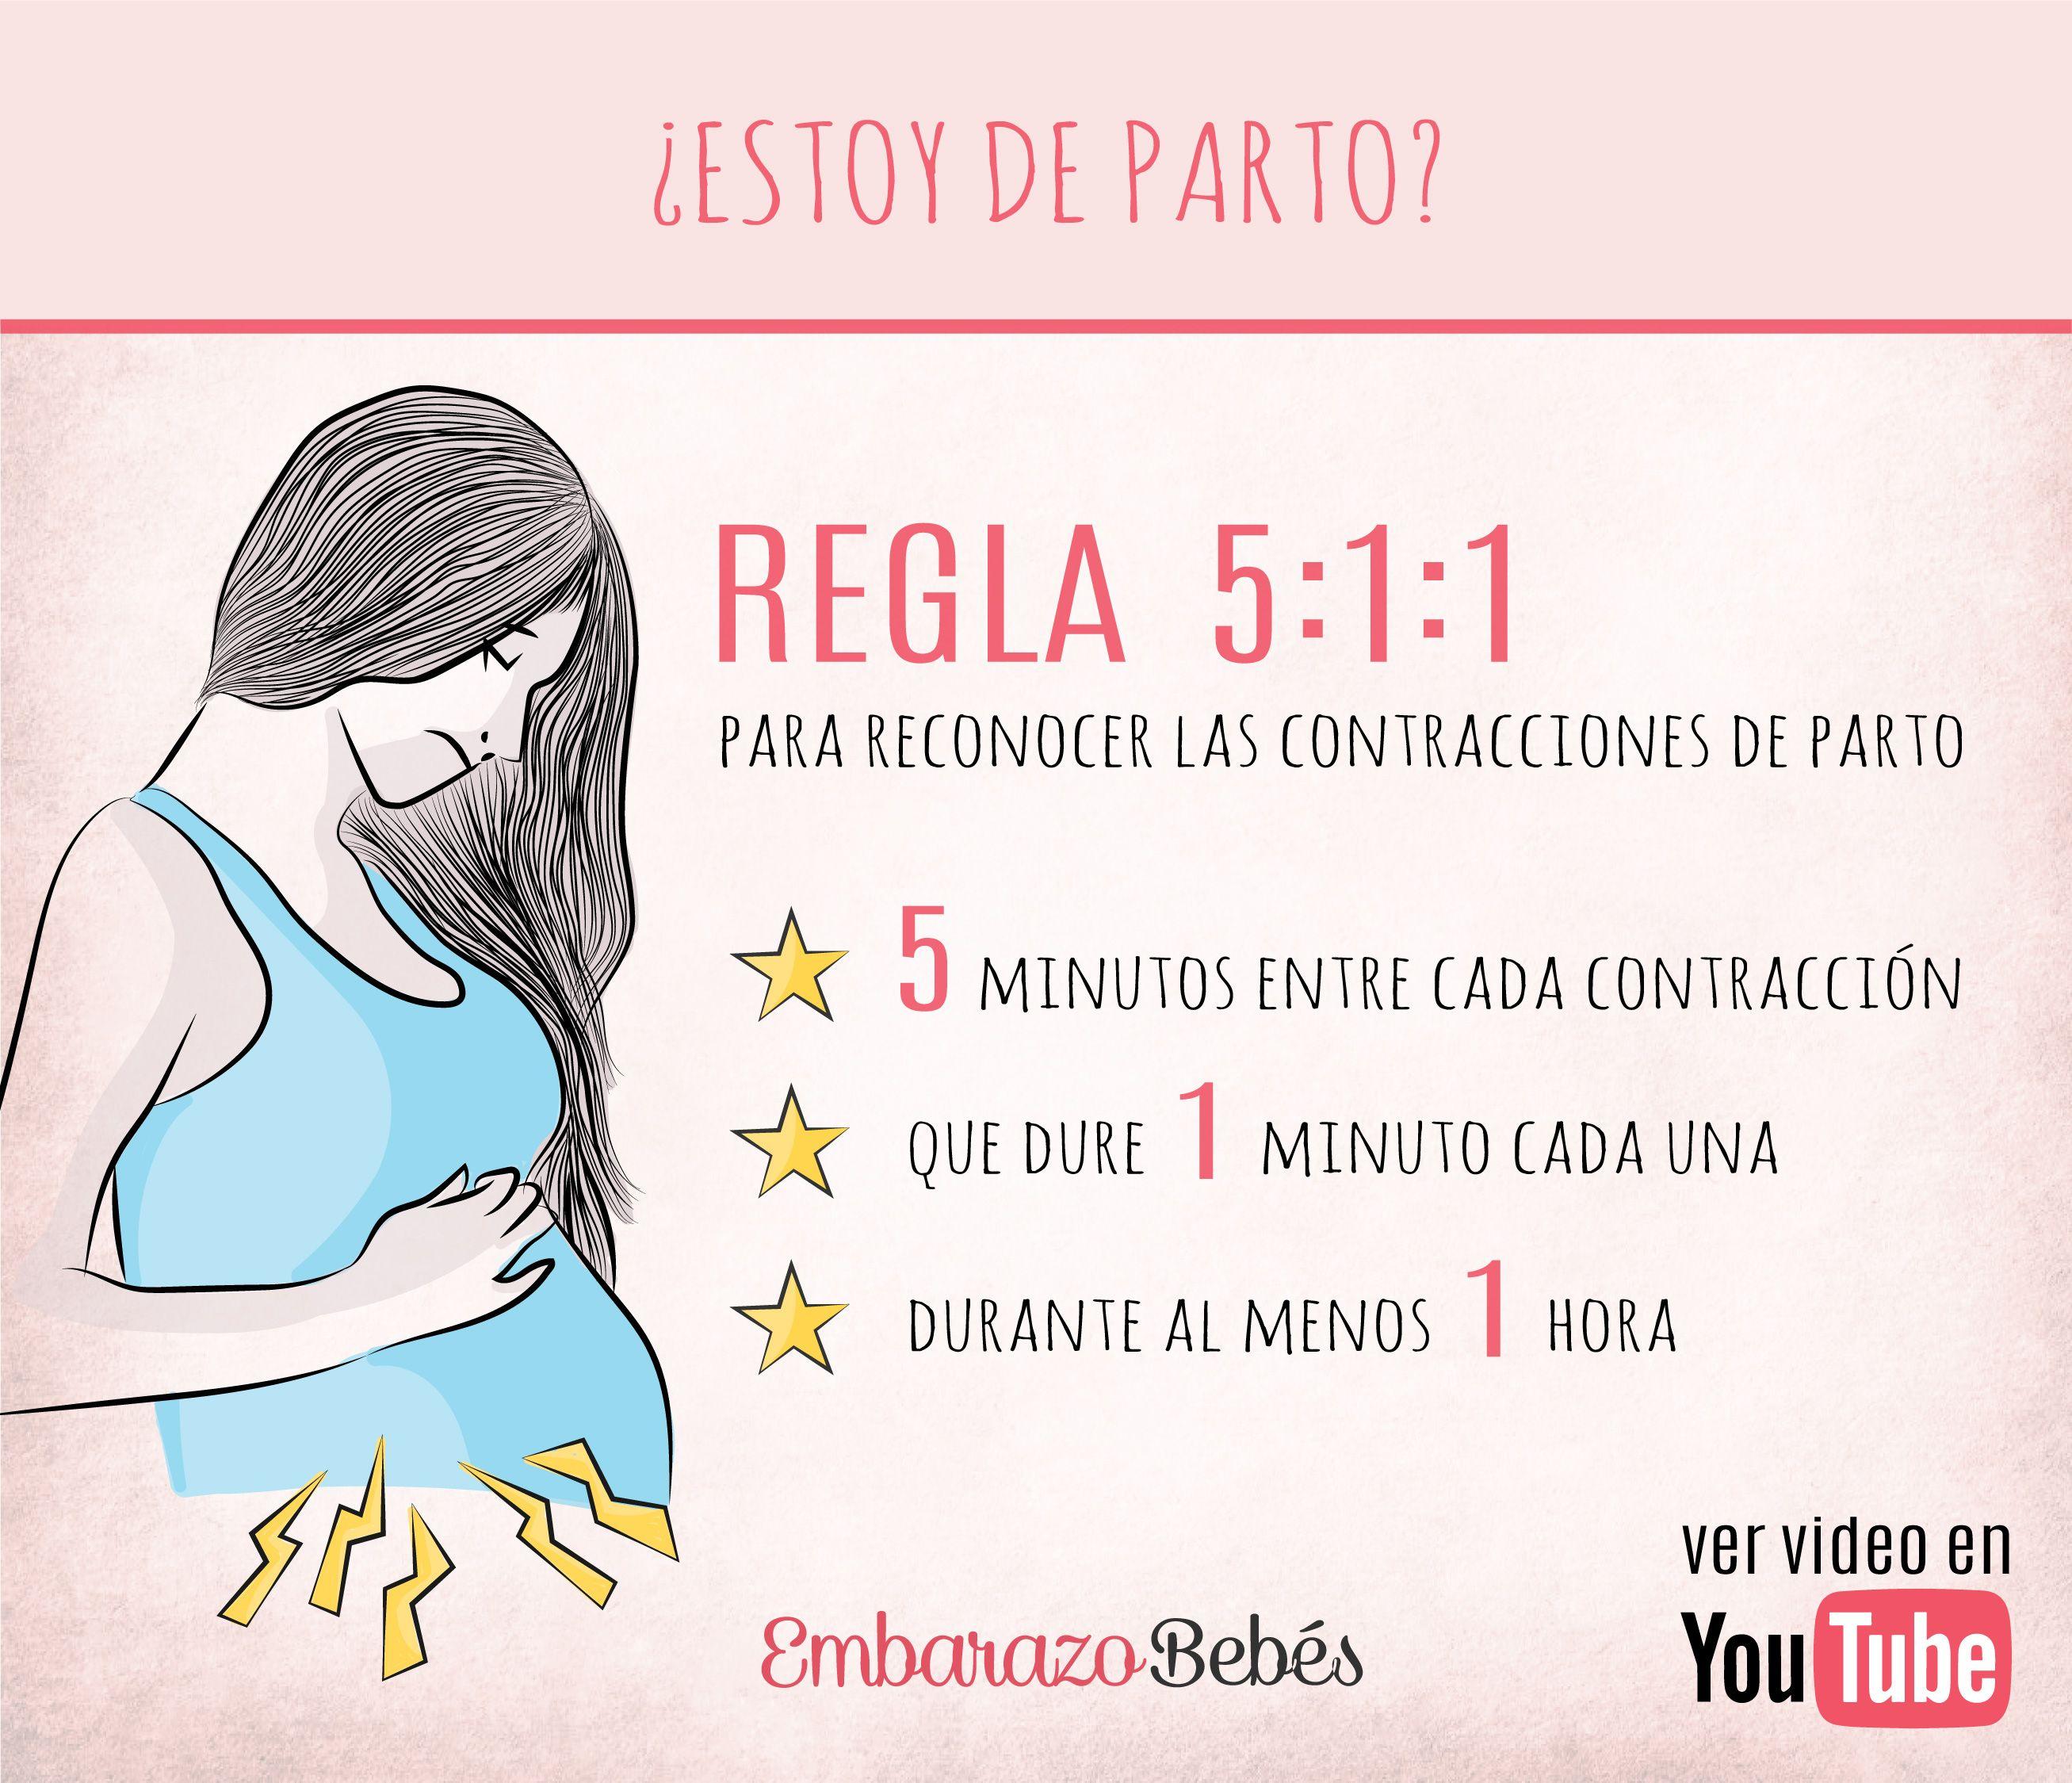 Contracciones De Parto Cómo Reconocer Las Contracciones Sintomas De Parto Contracciones Embarazo Consejos Para El Embarazo